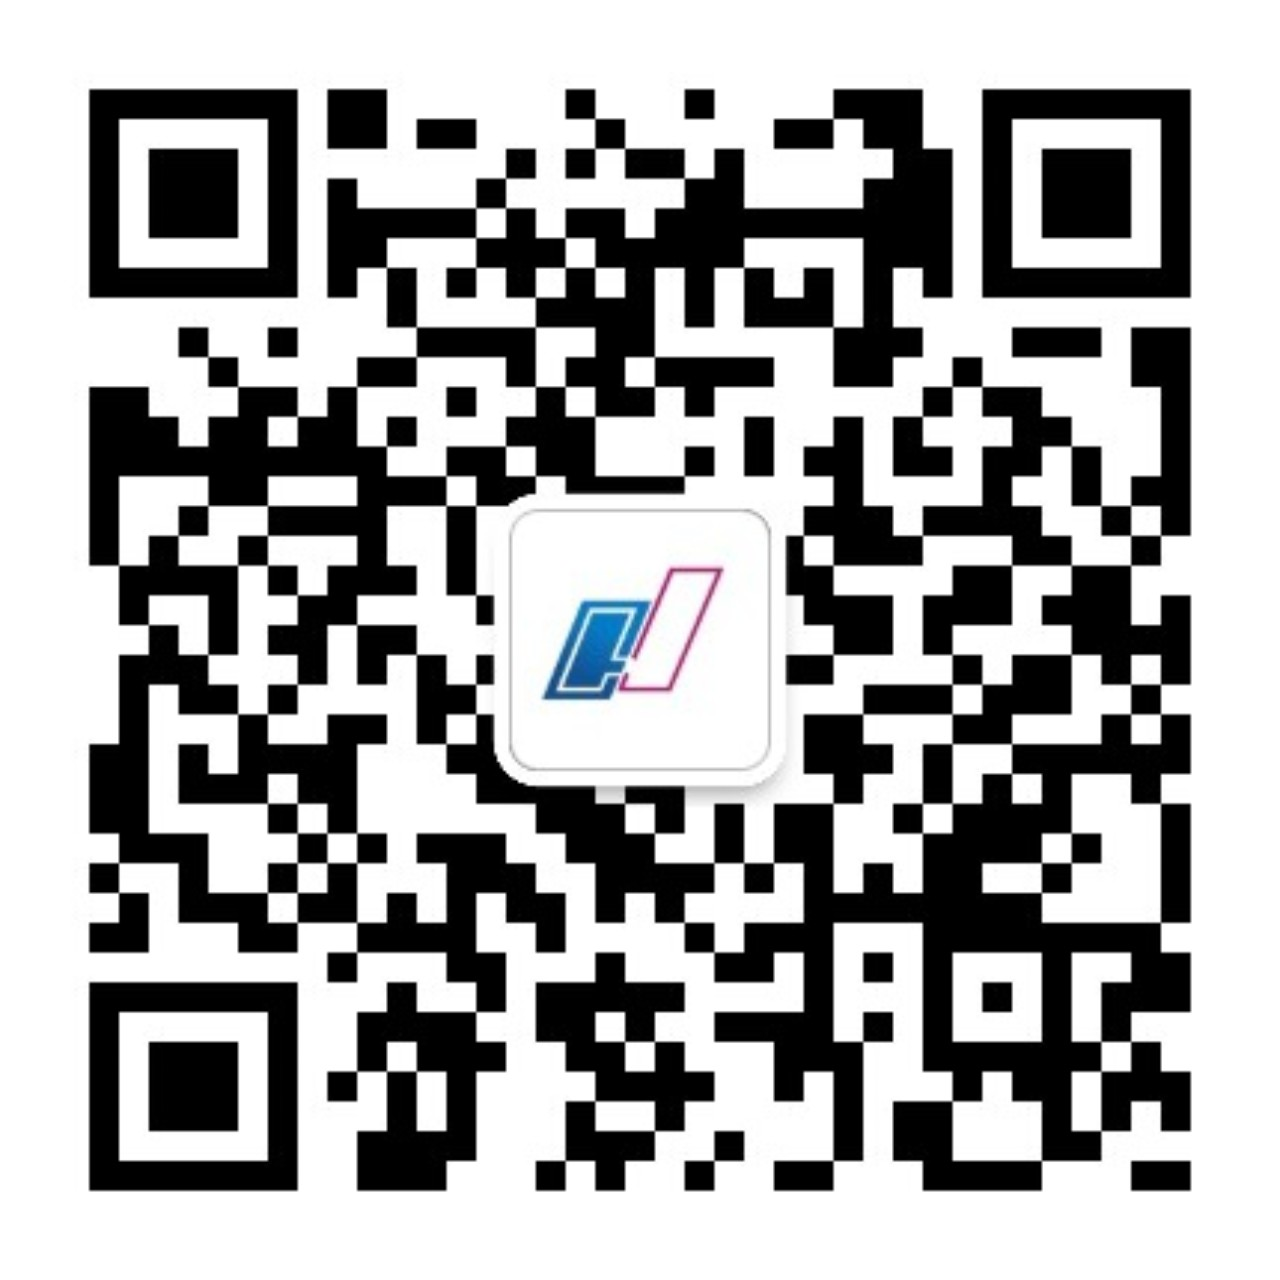 深圳市汇合电路u9彩票 金属化半孔板,软硬结合板,盲埋孔板,高精密PCB,Rogers罗杰斯PCB,PTFE铁氟龙PCB,厚铜板,厚金板,阻抗板,FR4 PCB